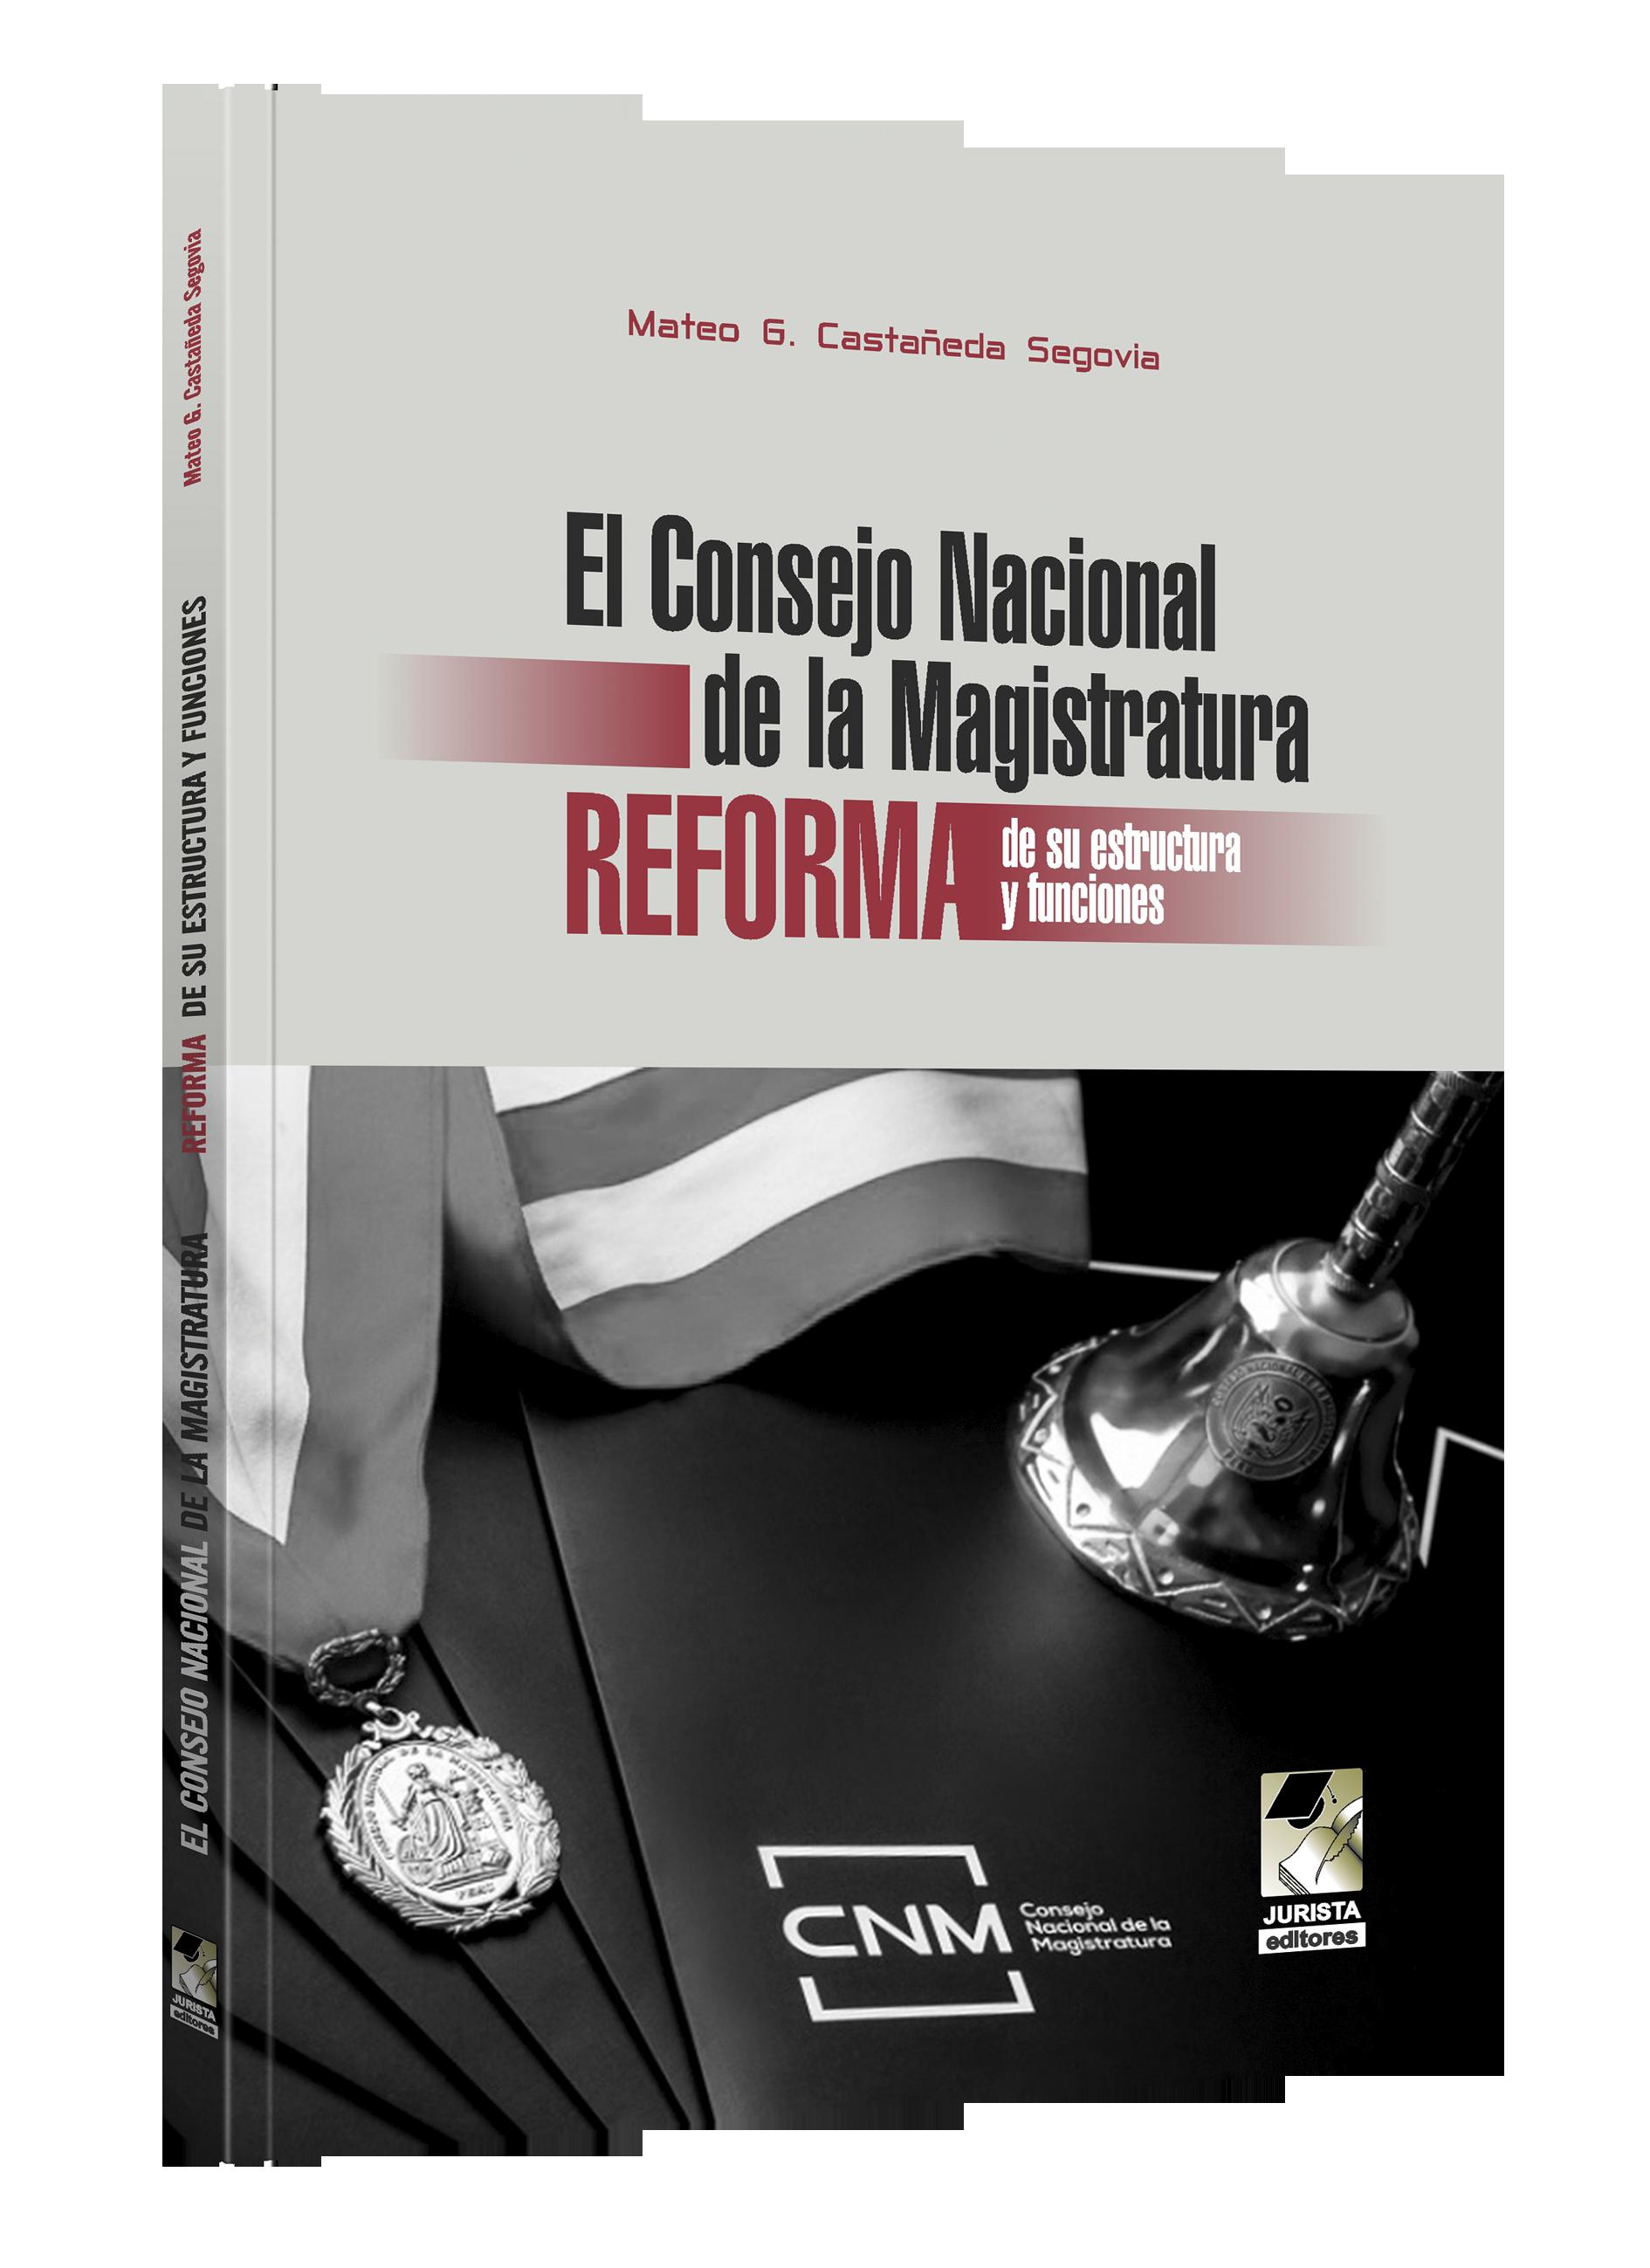 Consejo Nacional De La Magistratura Reforma De Su Estructura Y Funciones